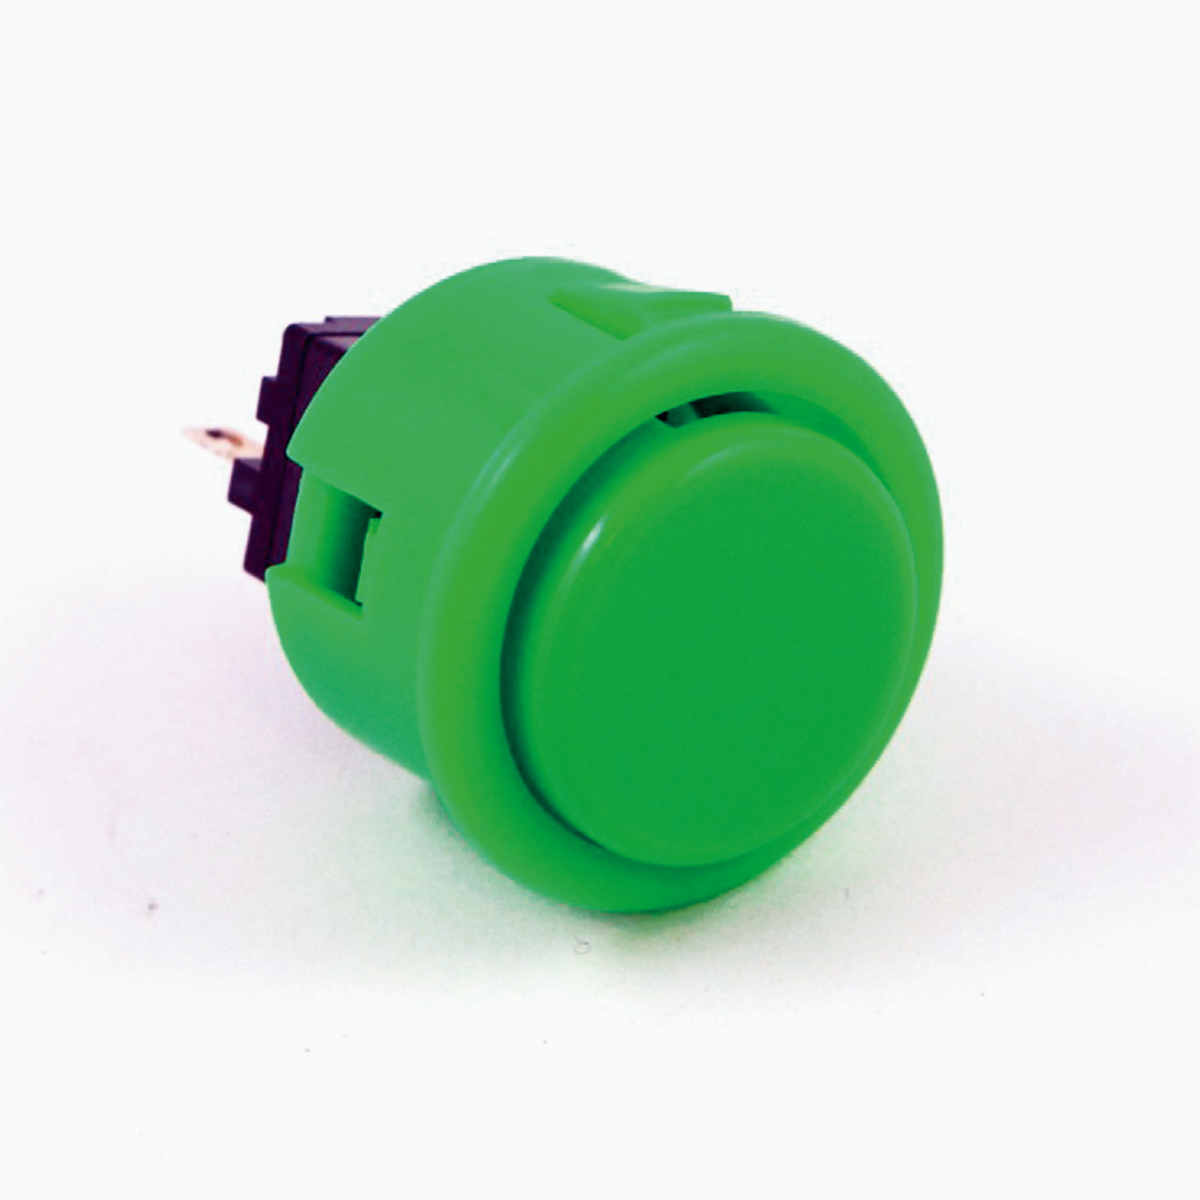 セイミツ工業 PS-14-D 差込式押しボタン24φ